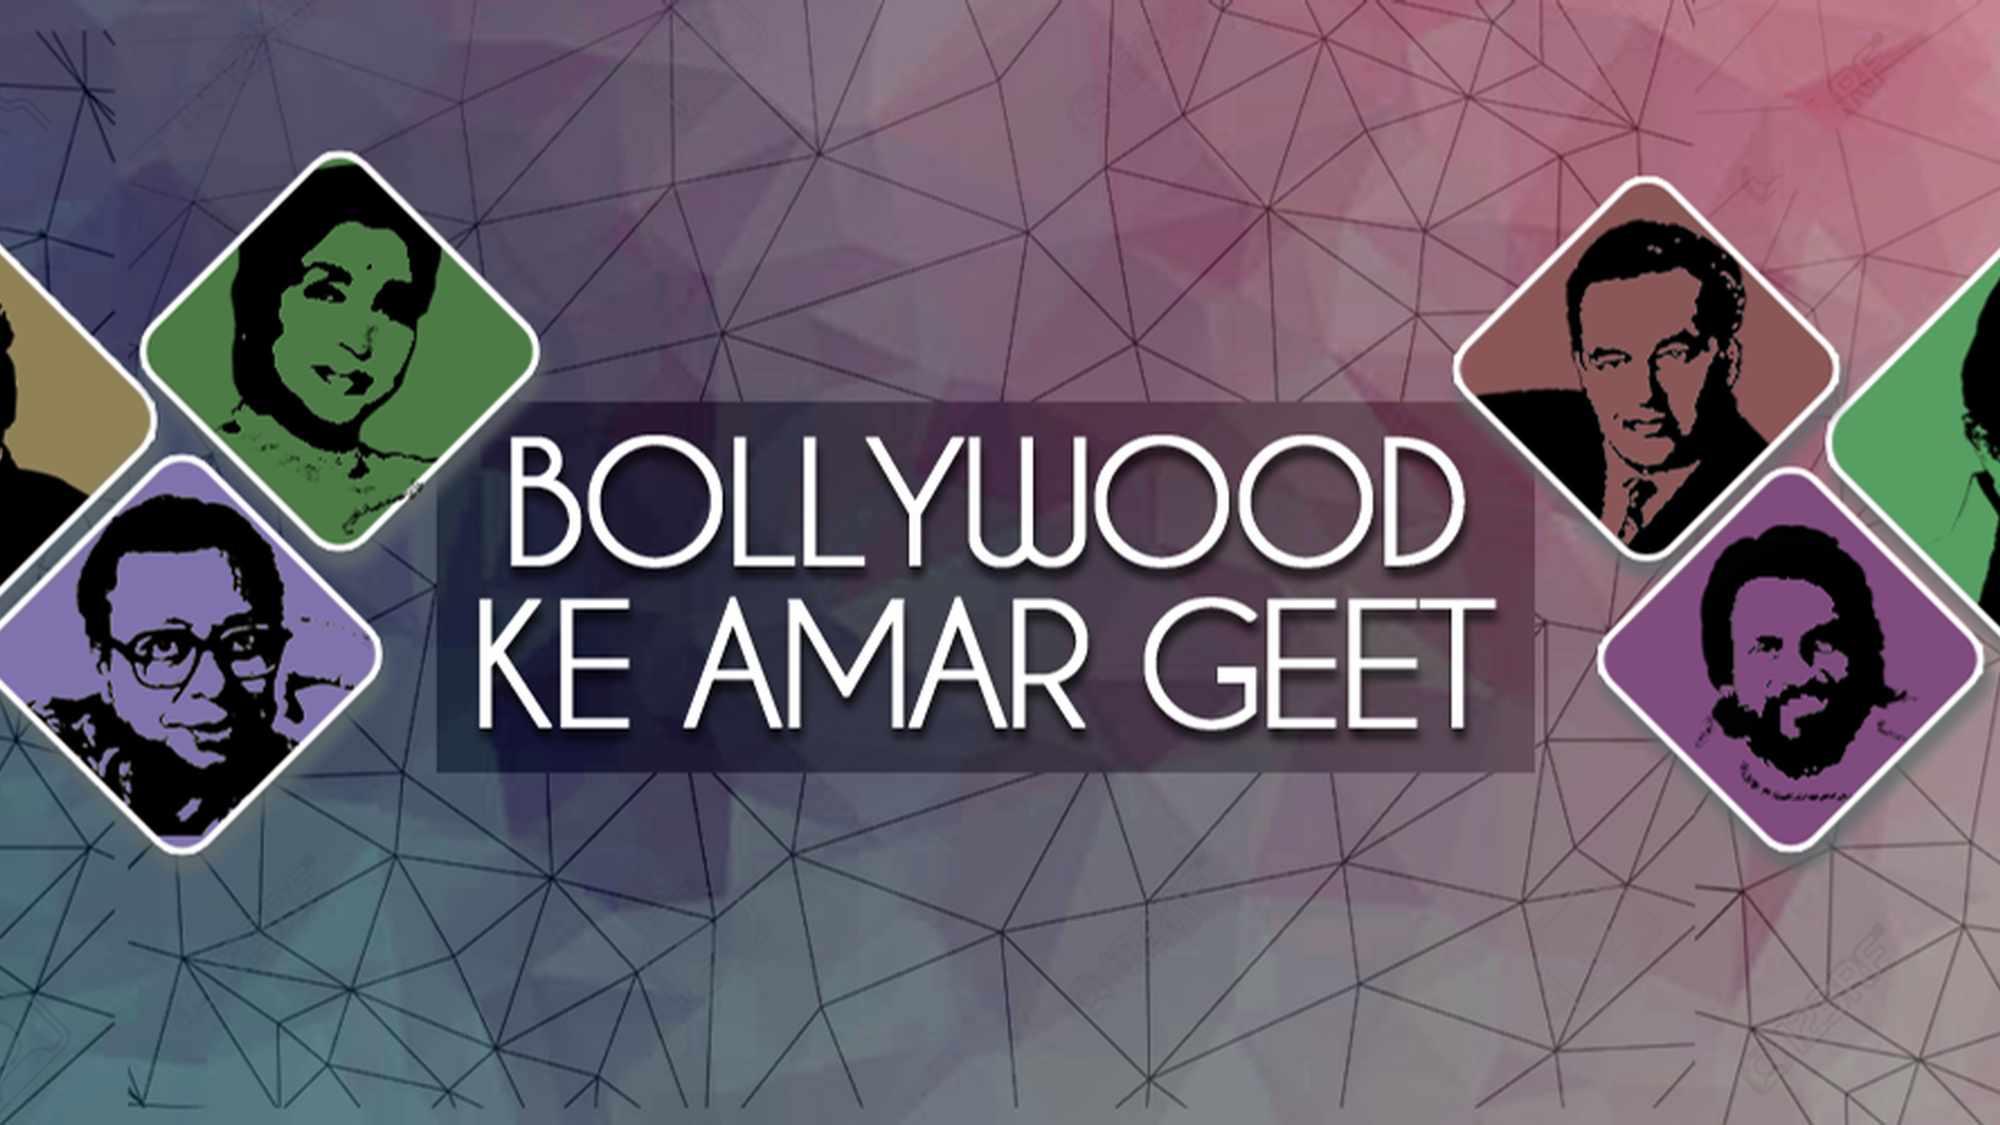 YouTube-Kanal Bollywood Classics